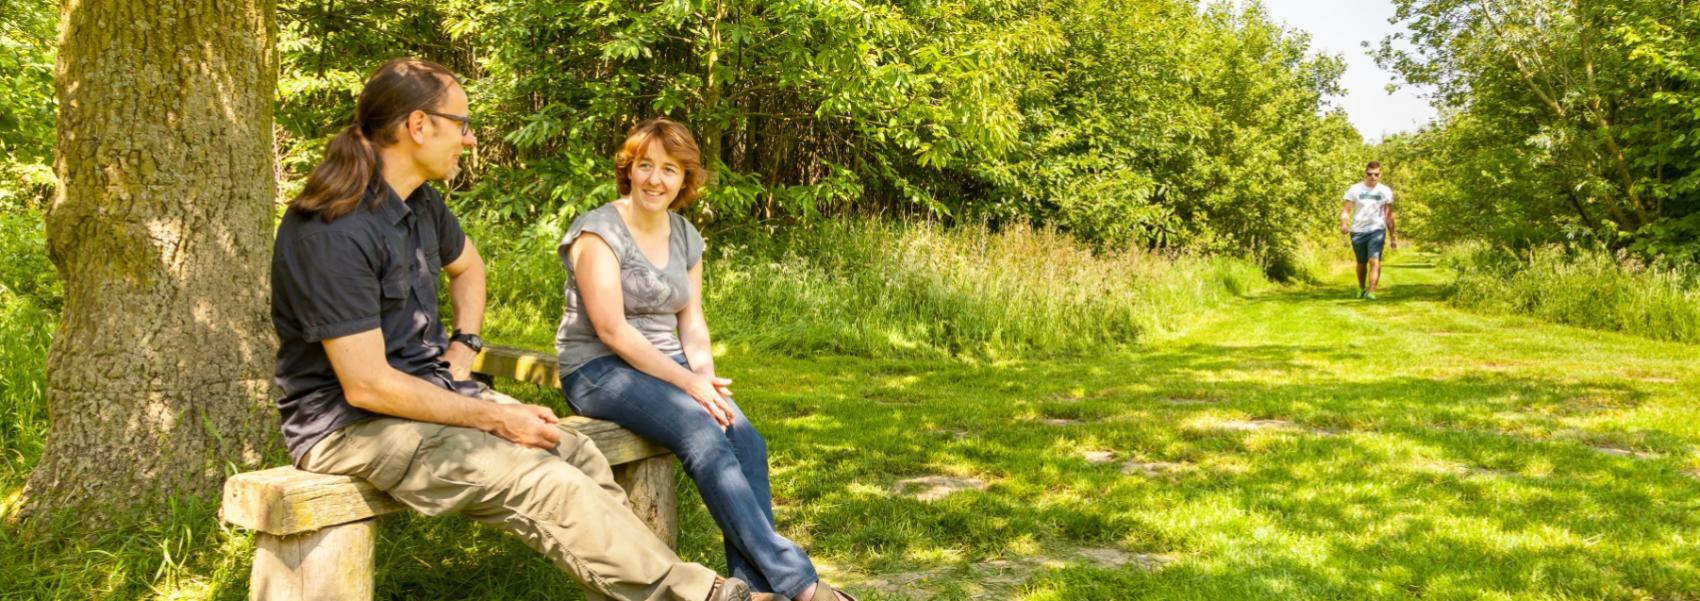 2 mensen op een bankje bij een boom